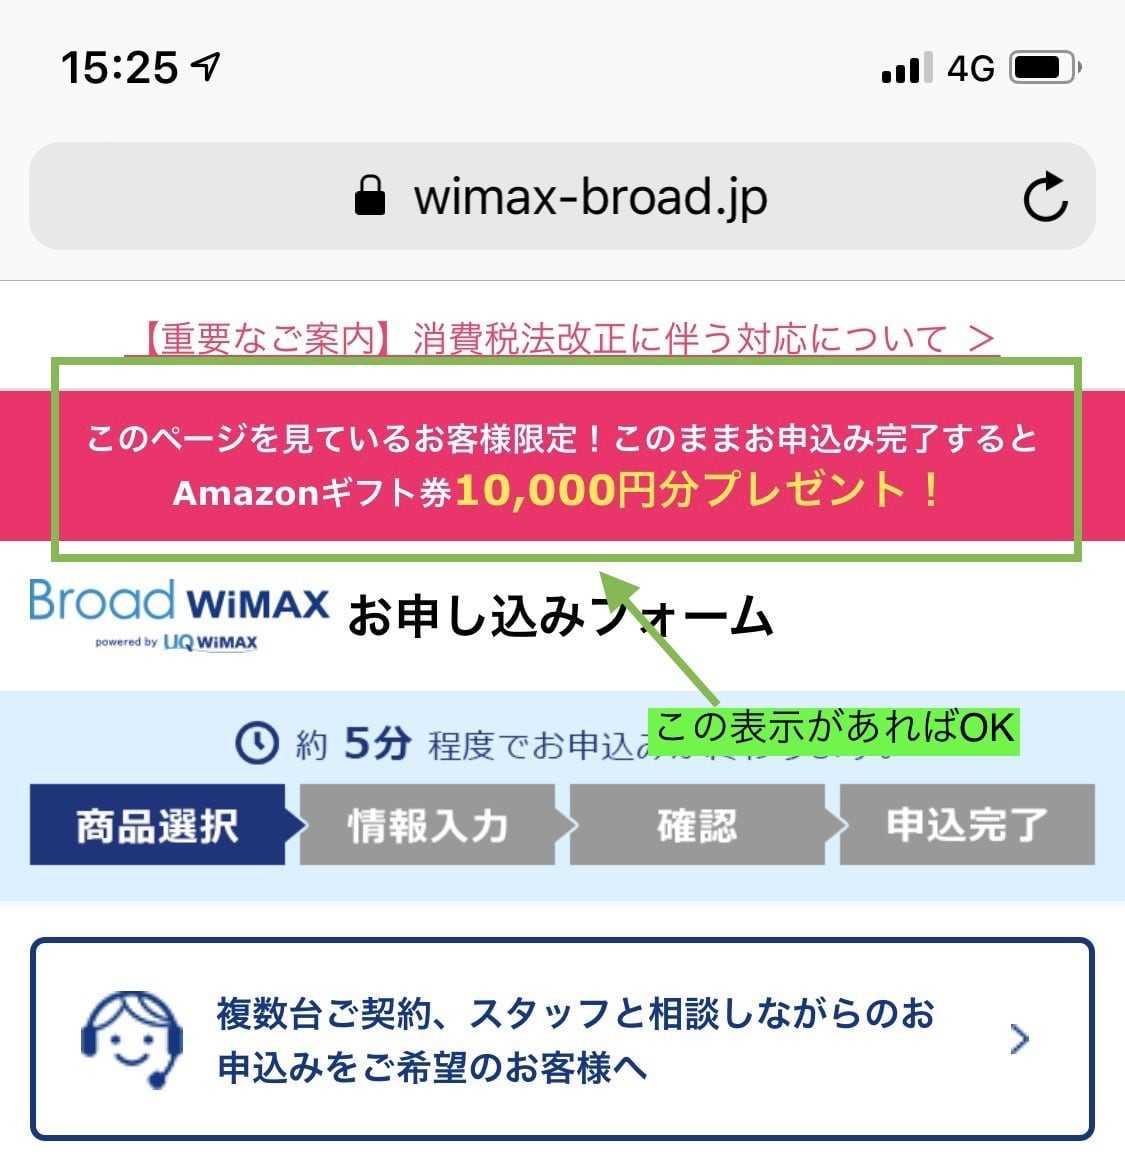 Broad WiMAXのキャンペーン対象がどうかの表記